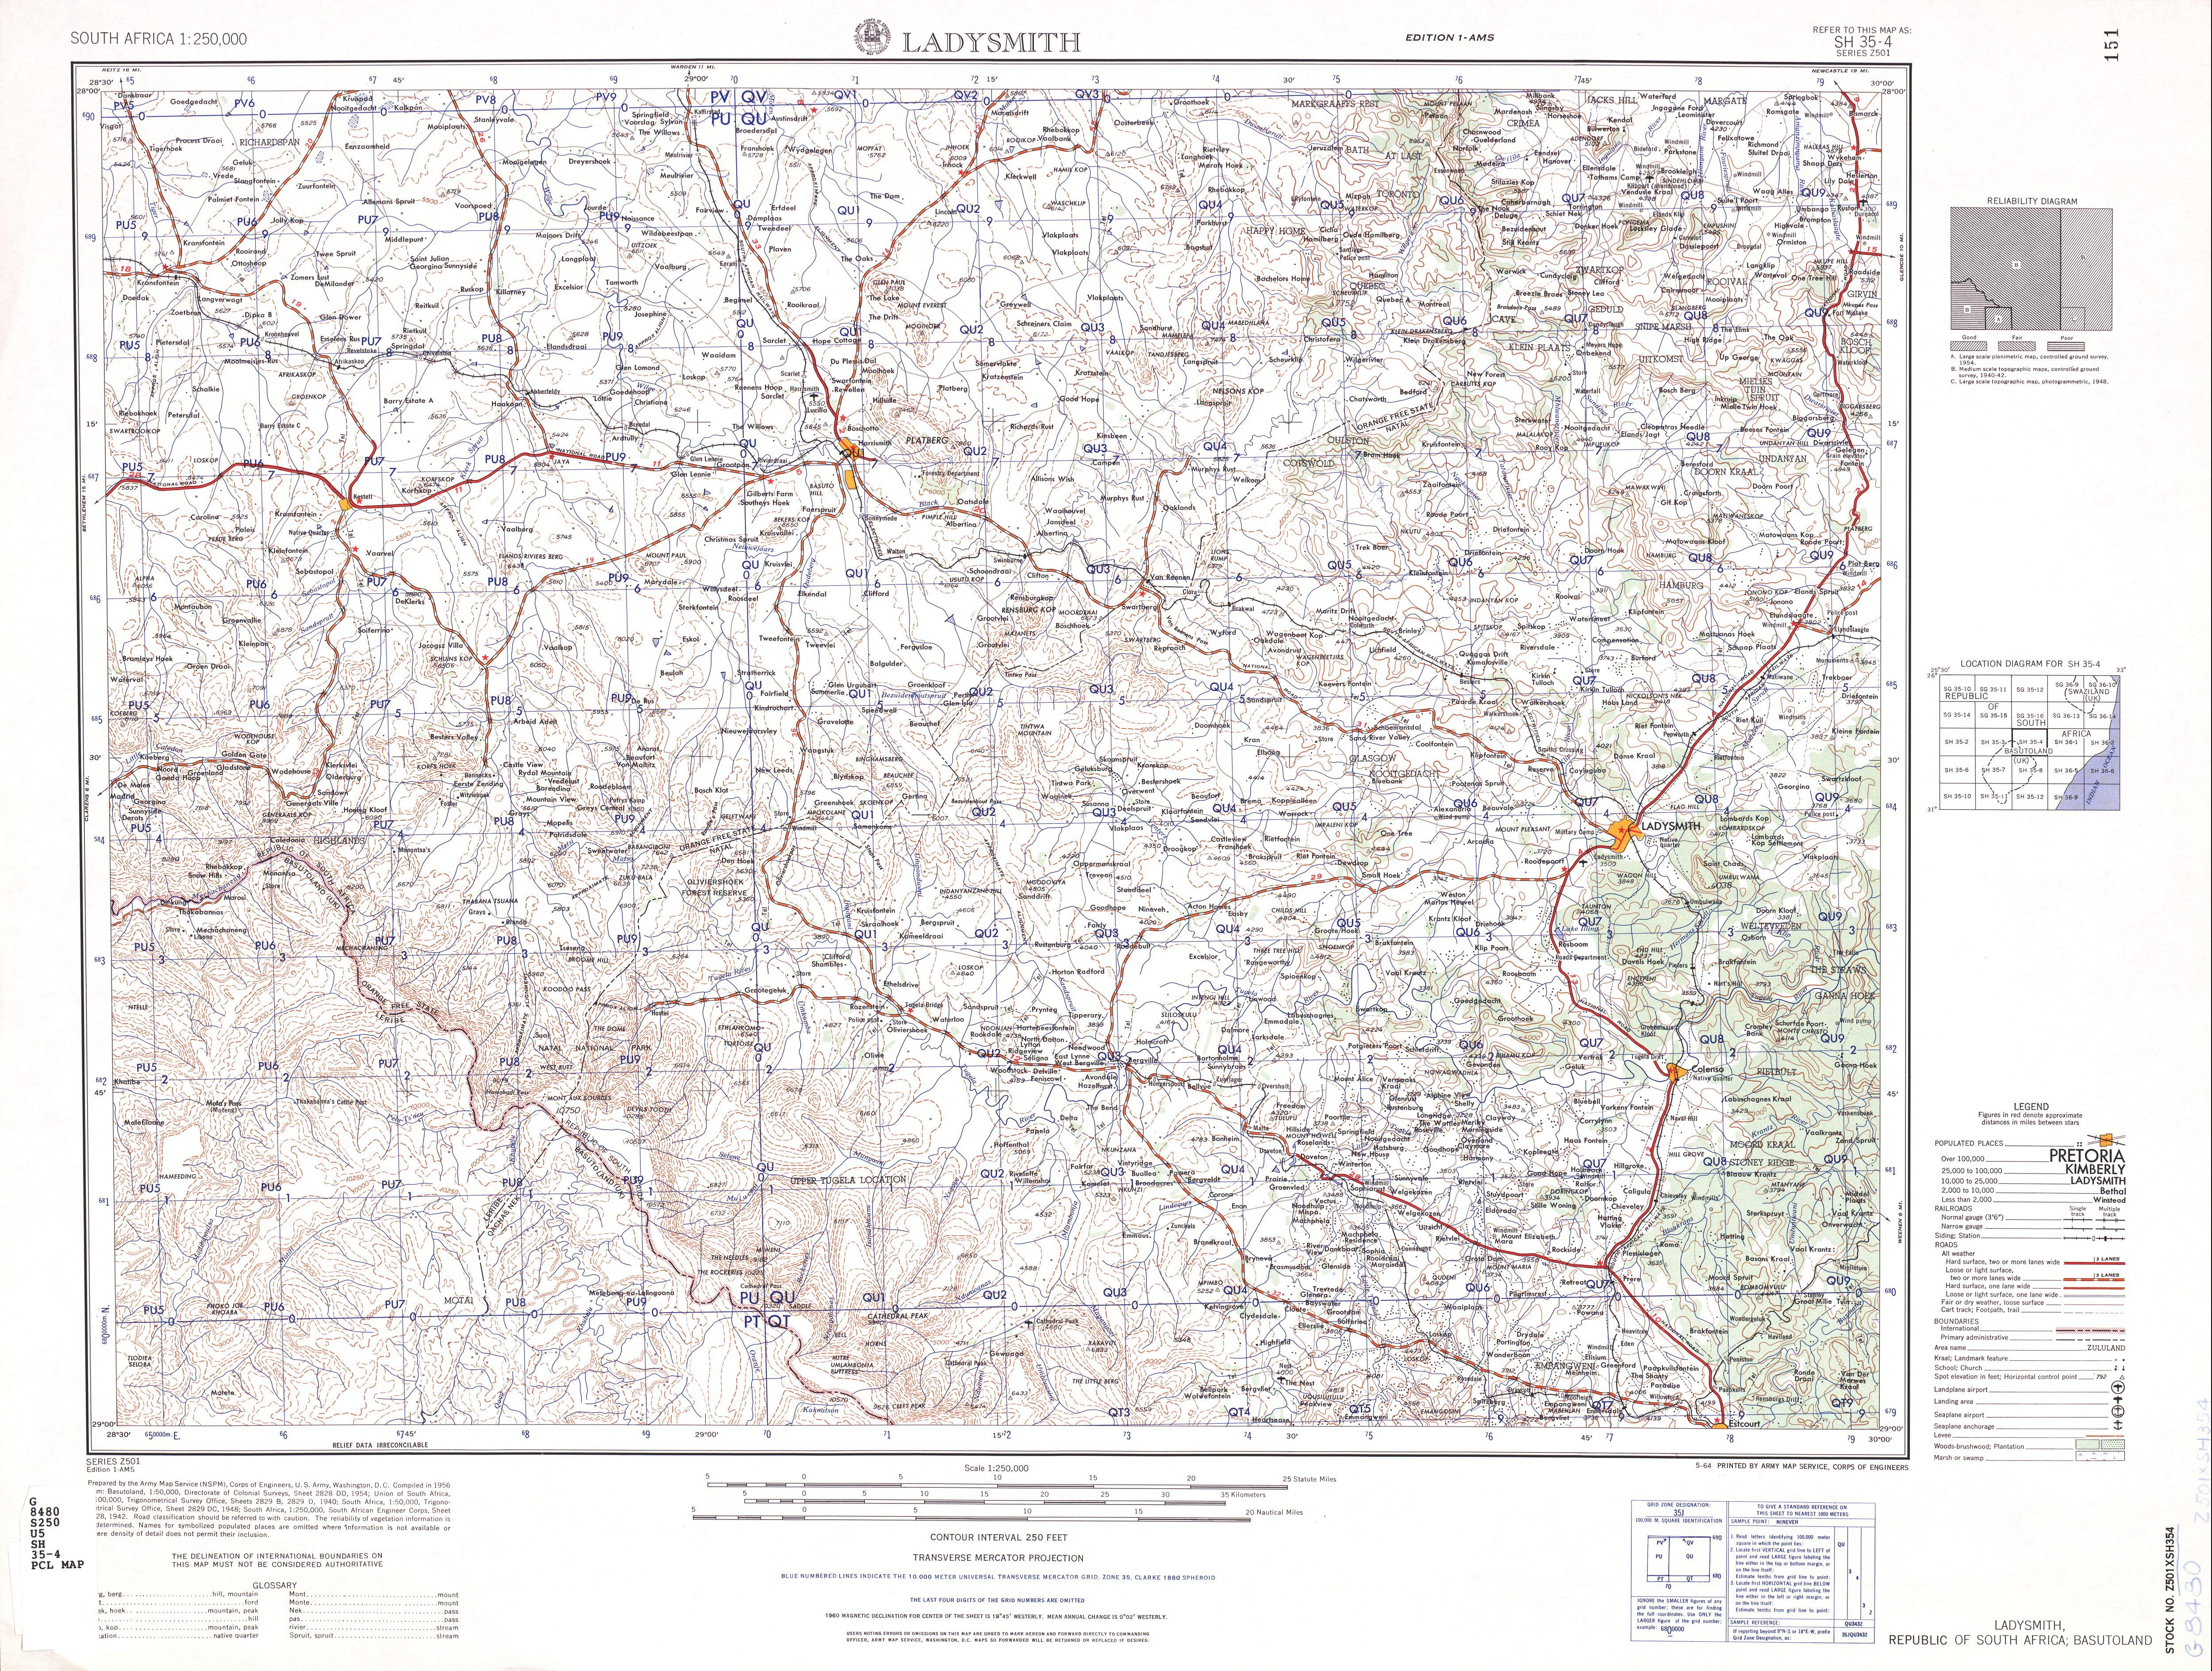 Hoja Ladysmith del Mapa Topográfico de África Meridional 1954